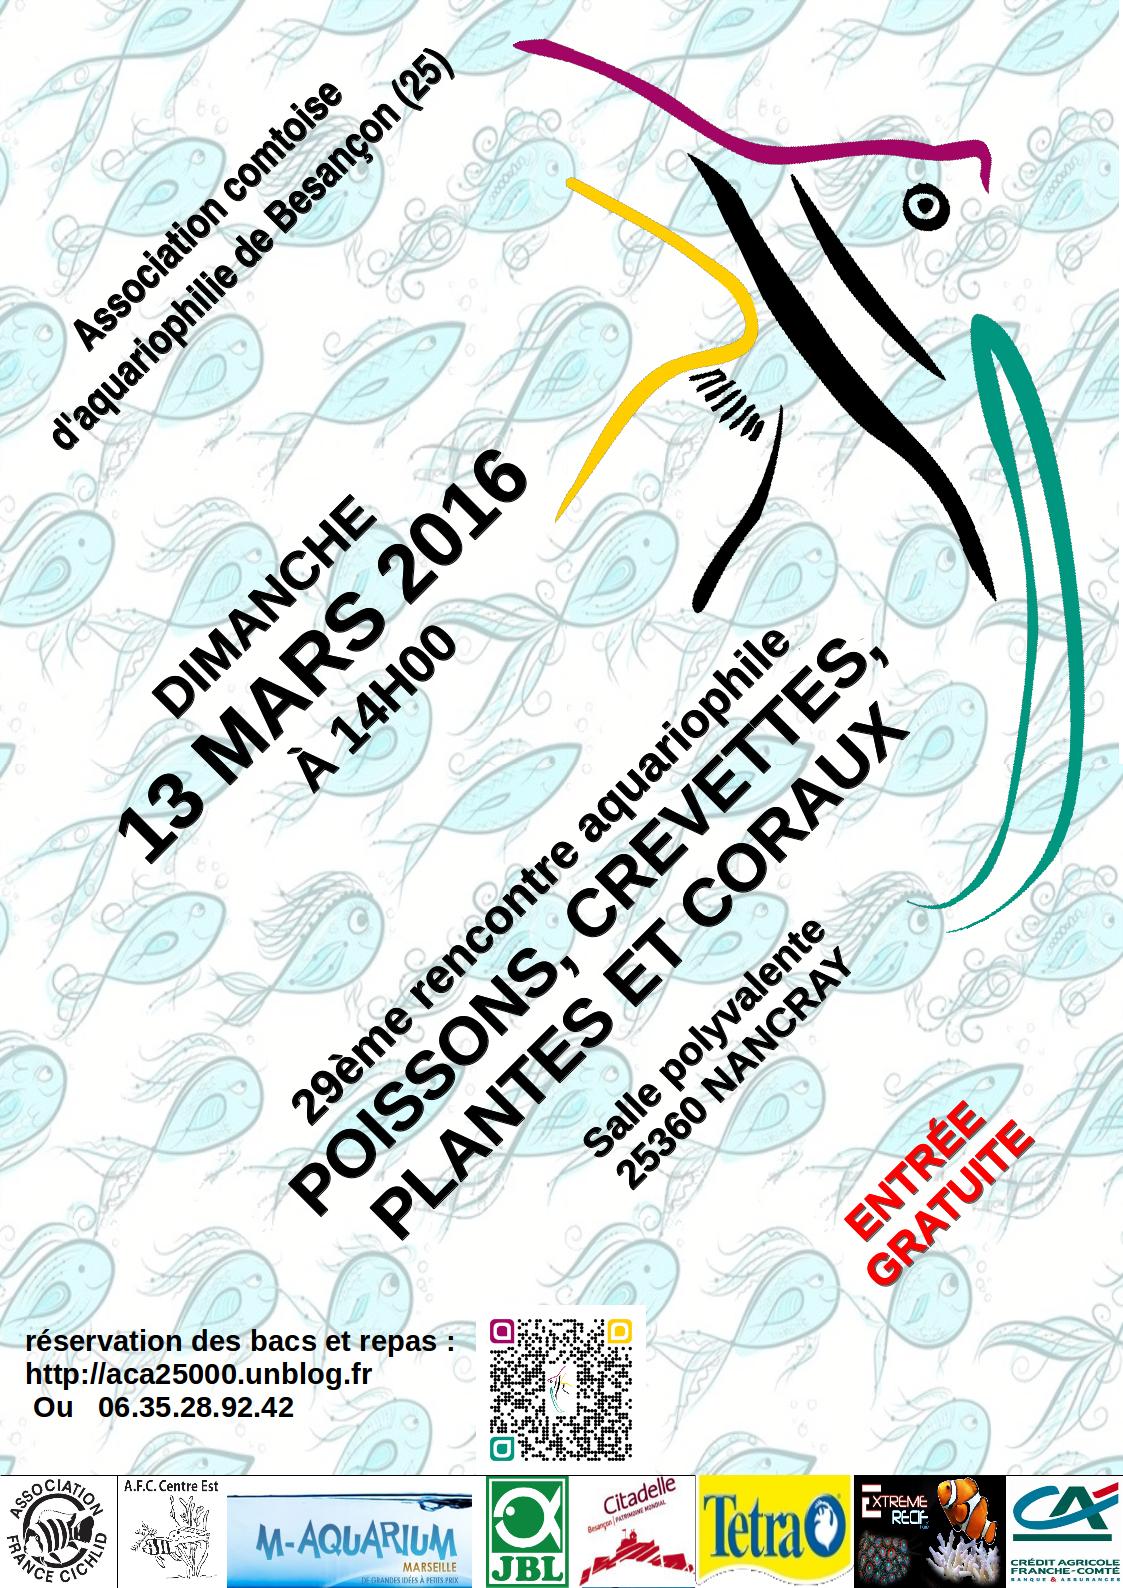 Appetite for the Magnificent : à la rencontre des aquariophiles suisses — Cercle